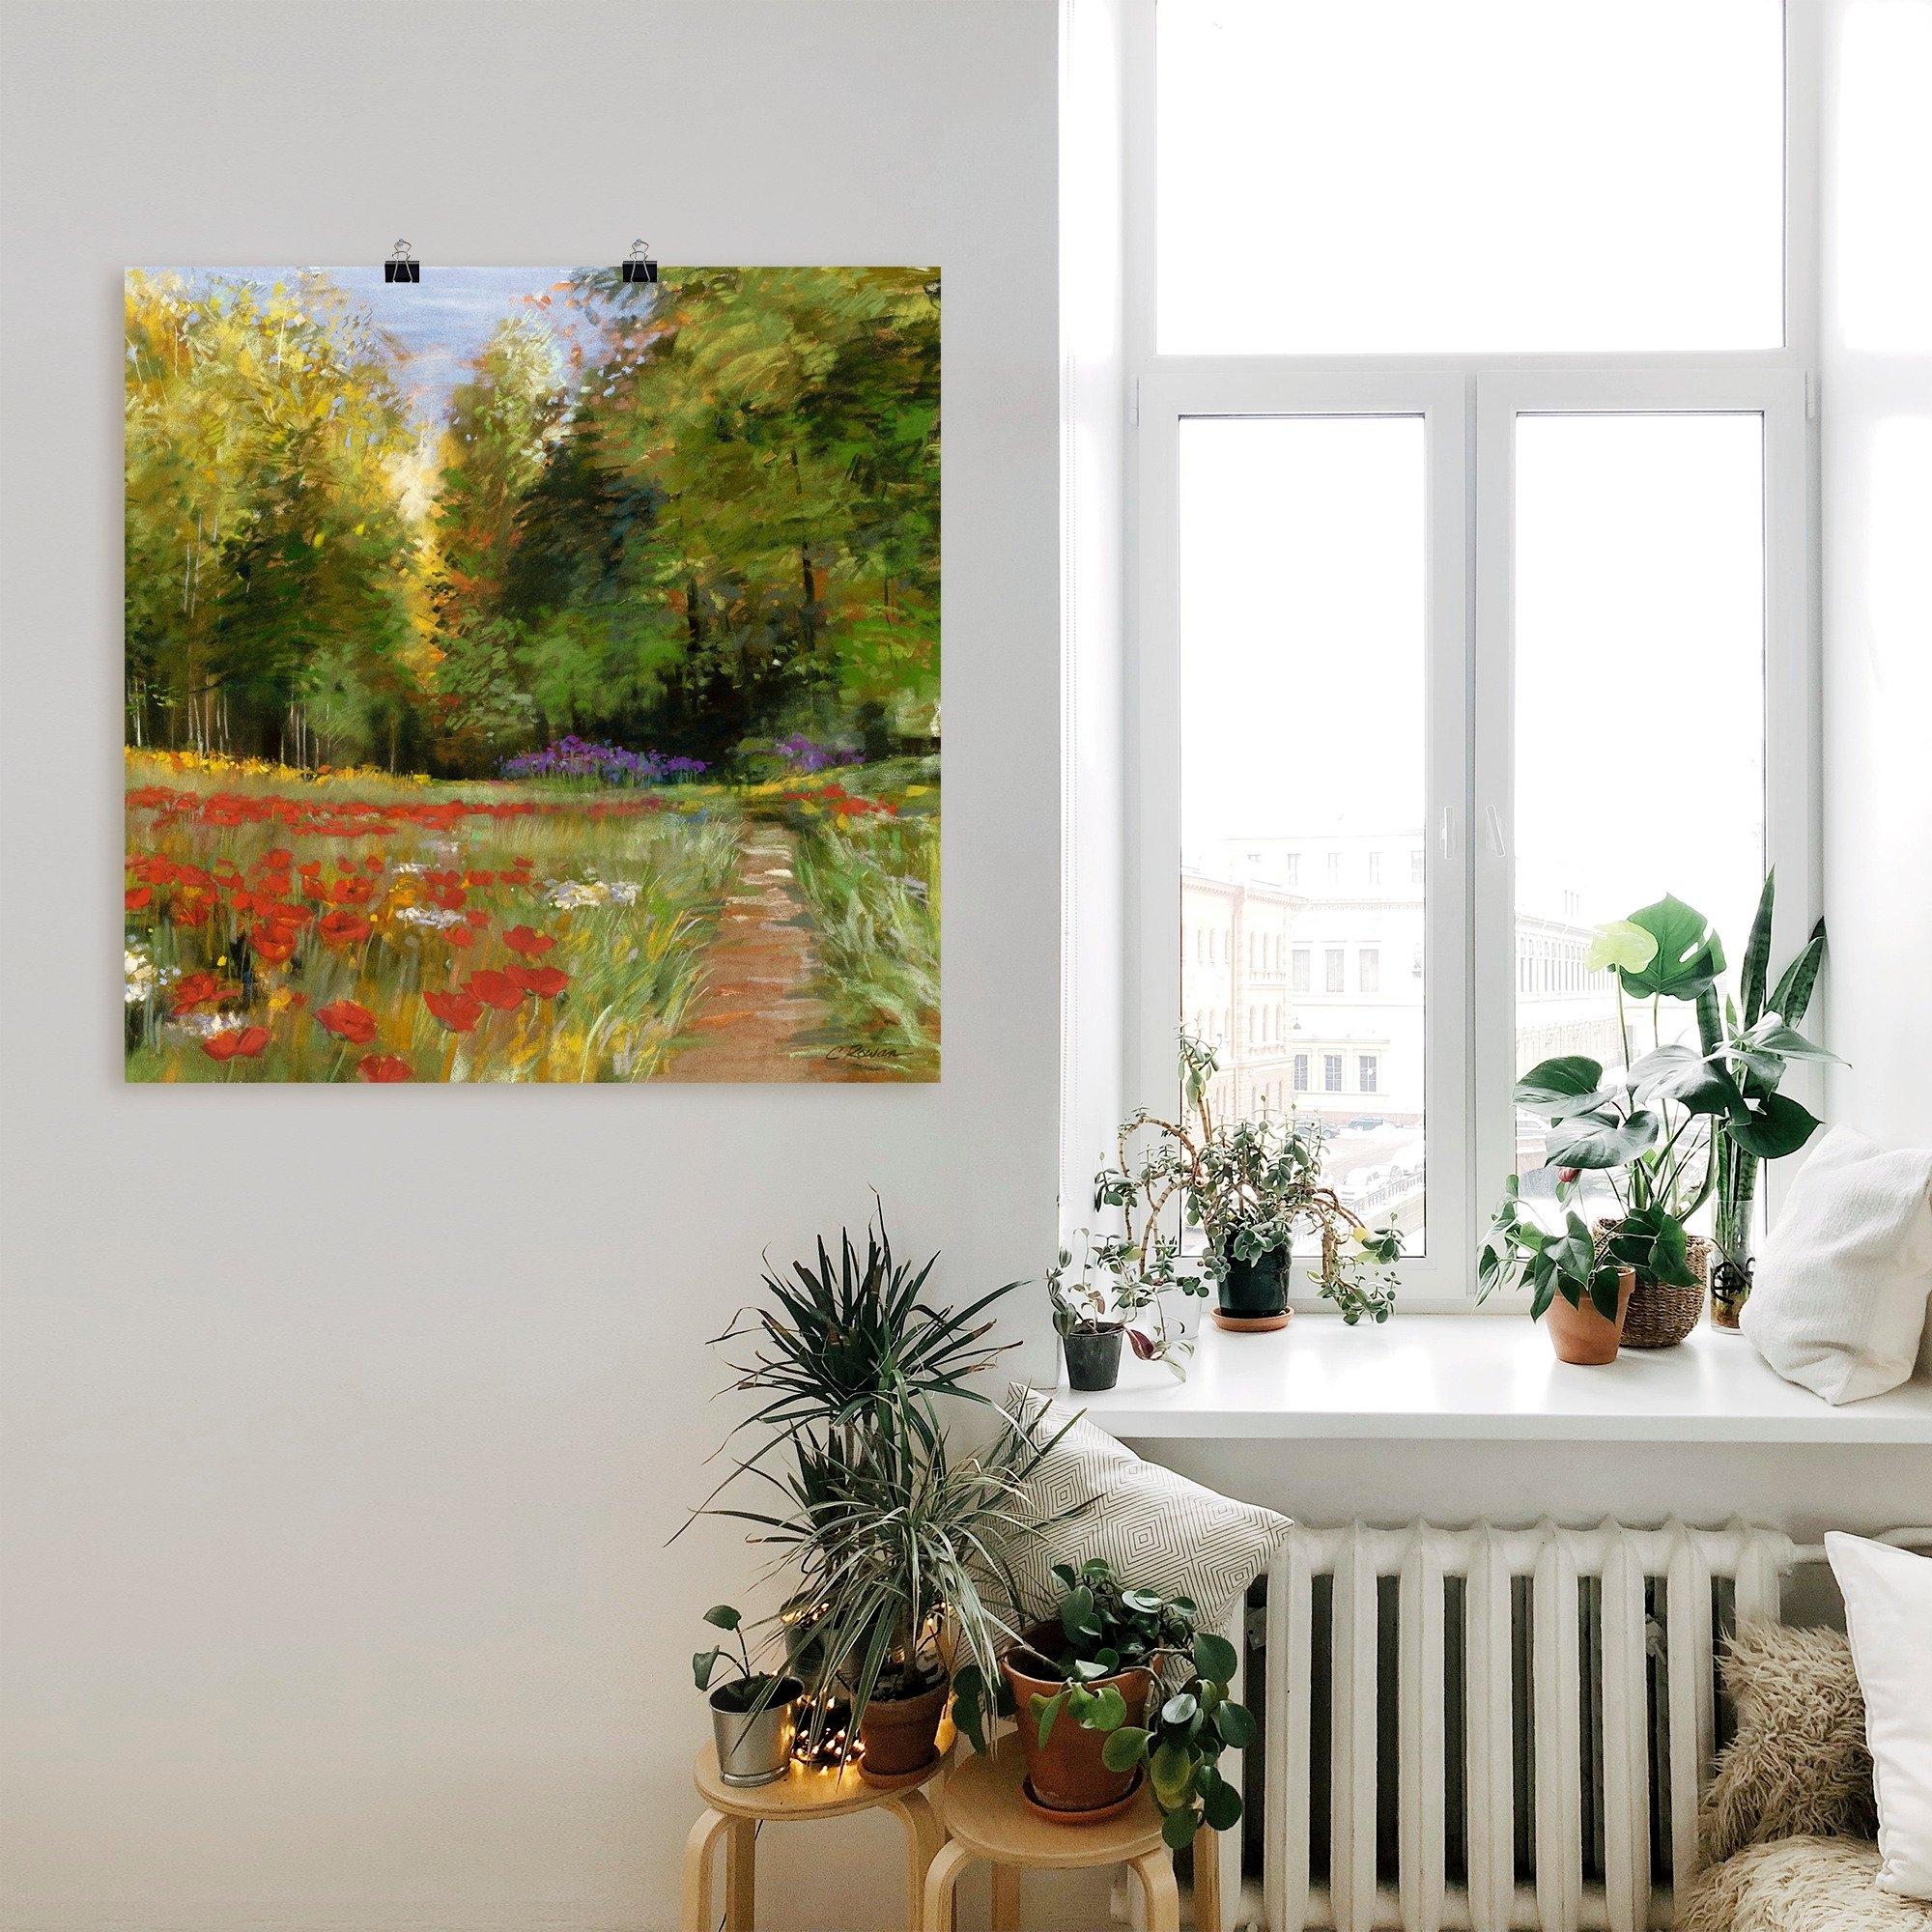 Artland artprint Bloemenveld in vele afmetingen & productsoorten -artprint op linnen, poster, muursticker / wandfolie ook geschikt voor de badkamer (1 stuk) bestellen: 30 dagen bedenktijd